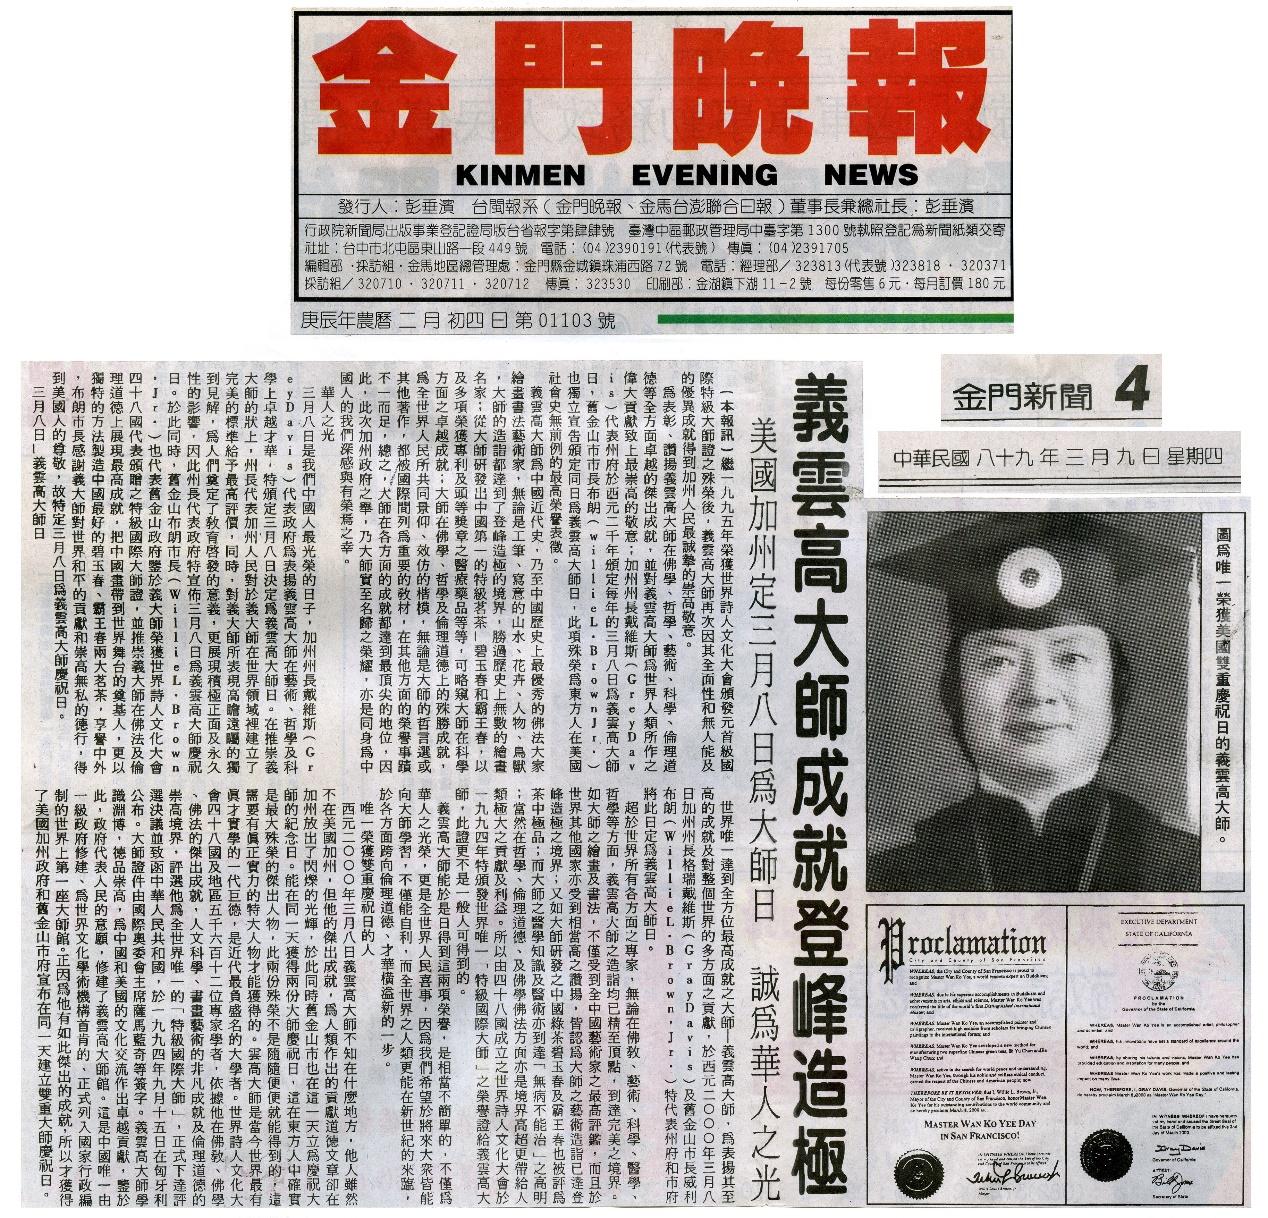 义云高大师成就登峰造极 美国加州定三月八日为大师日 诚为华人之光 第2张